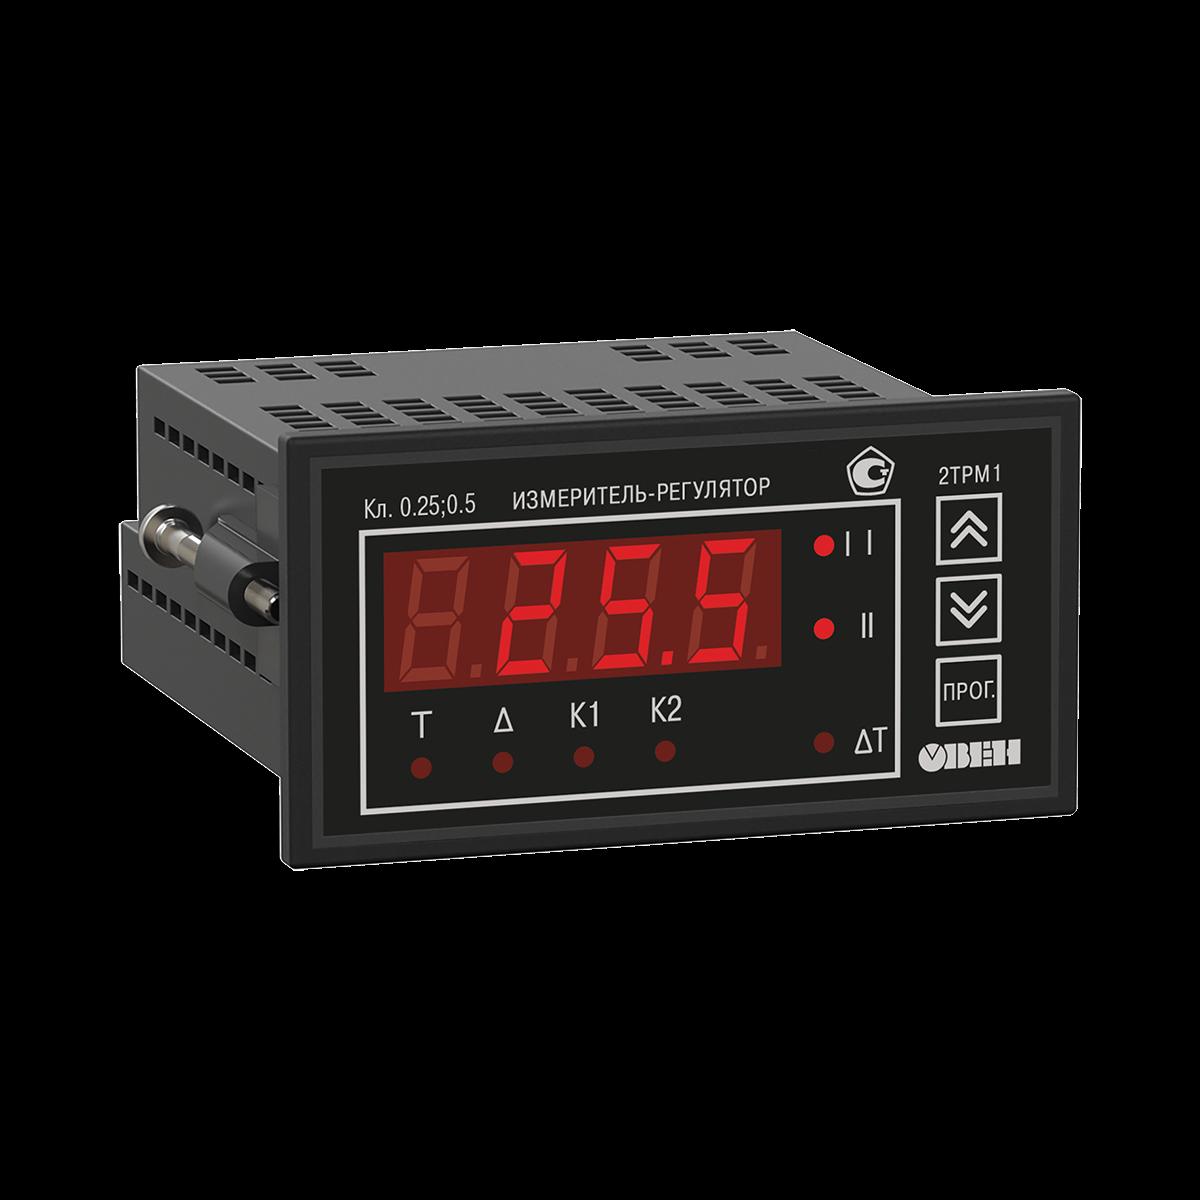 Универсальный измеритель-регулятор восьмиканальный овен трм выполняется в корпусе щ4 восемь универсальных входов для подключения от 1 до 8 датчиков разного типа в любых комбинациях, что позволяет одновременно измерять и контролировать несколько различных физических величин температуру, влажность, давление и др.